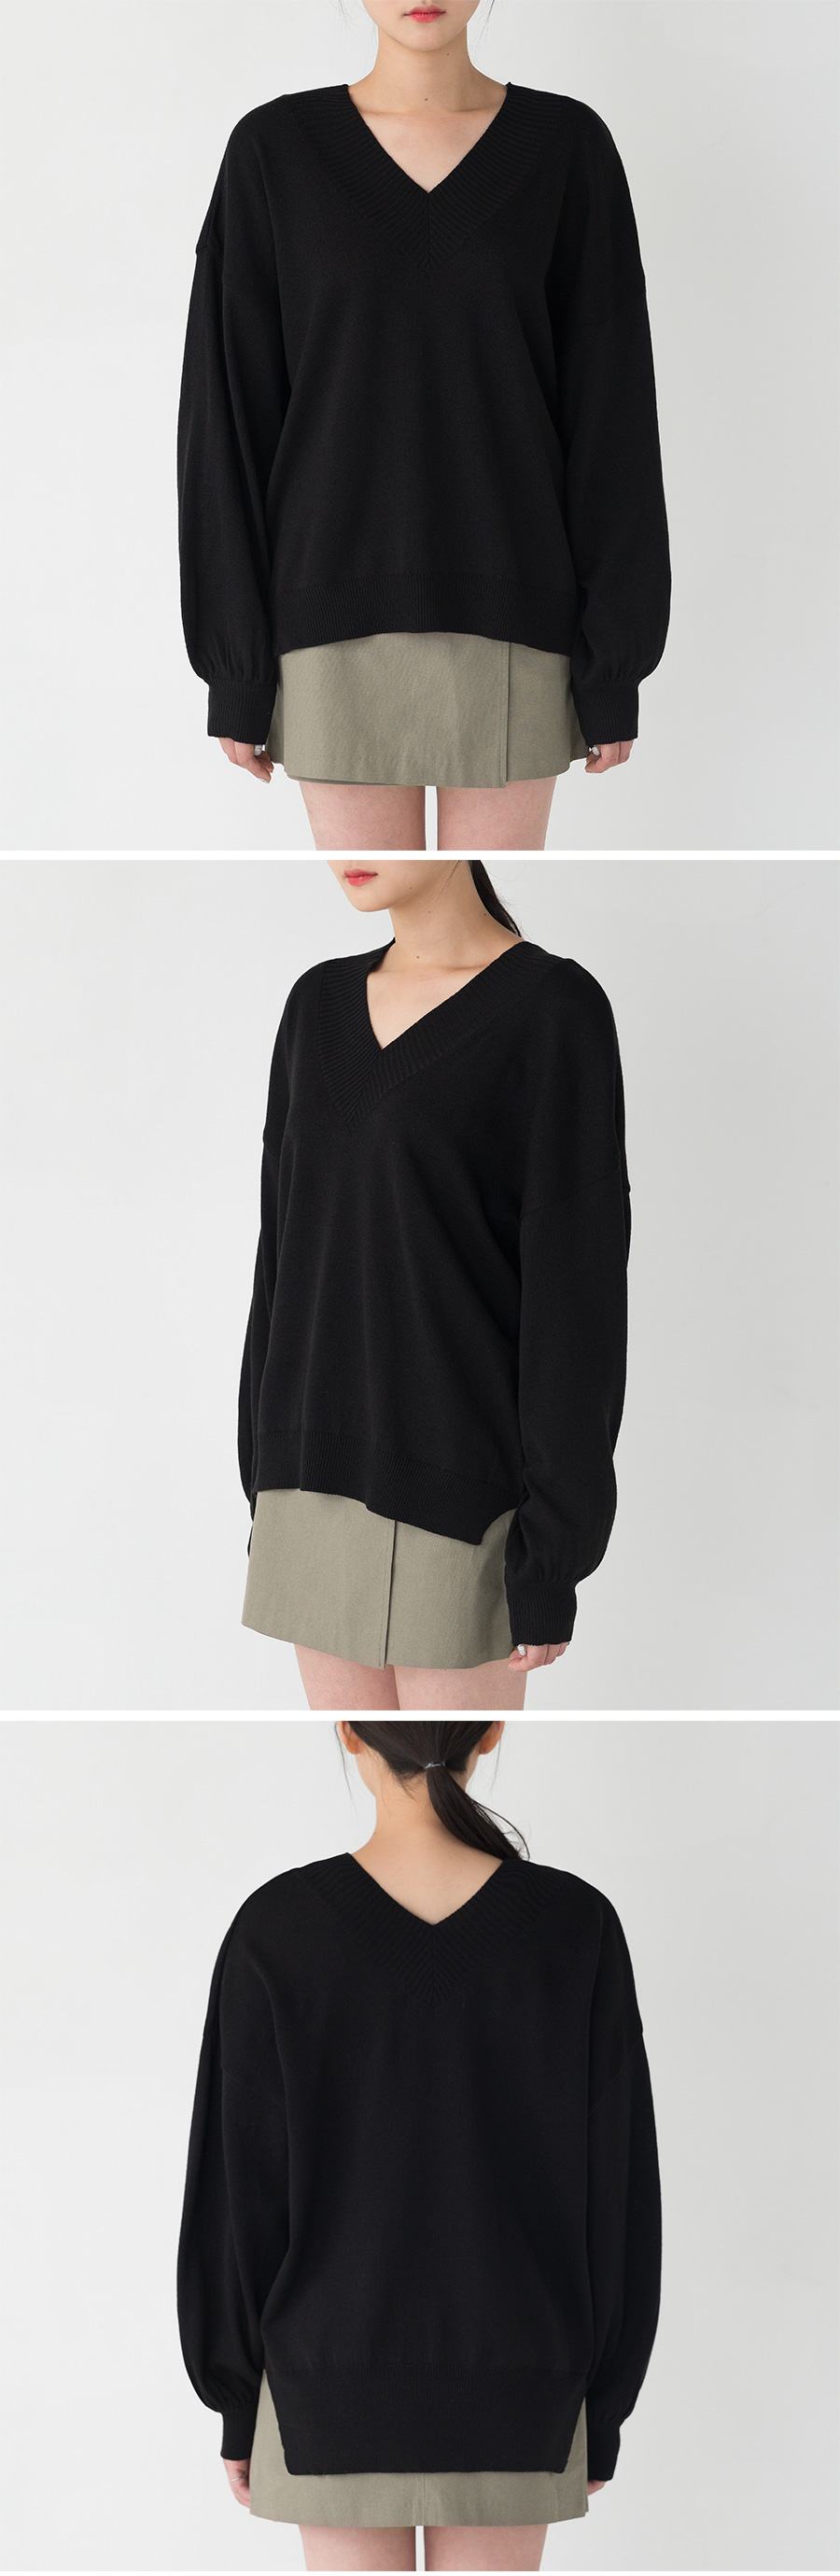 basic v-neck drop shoulder knit